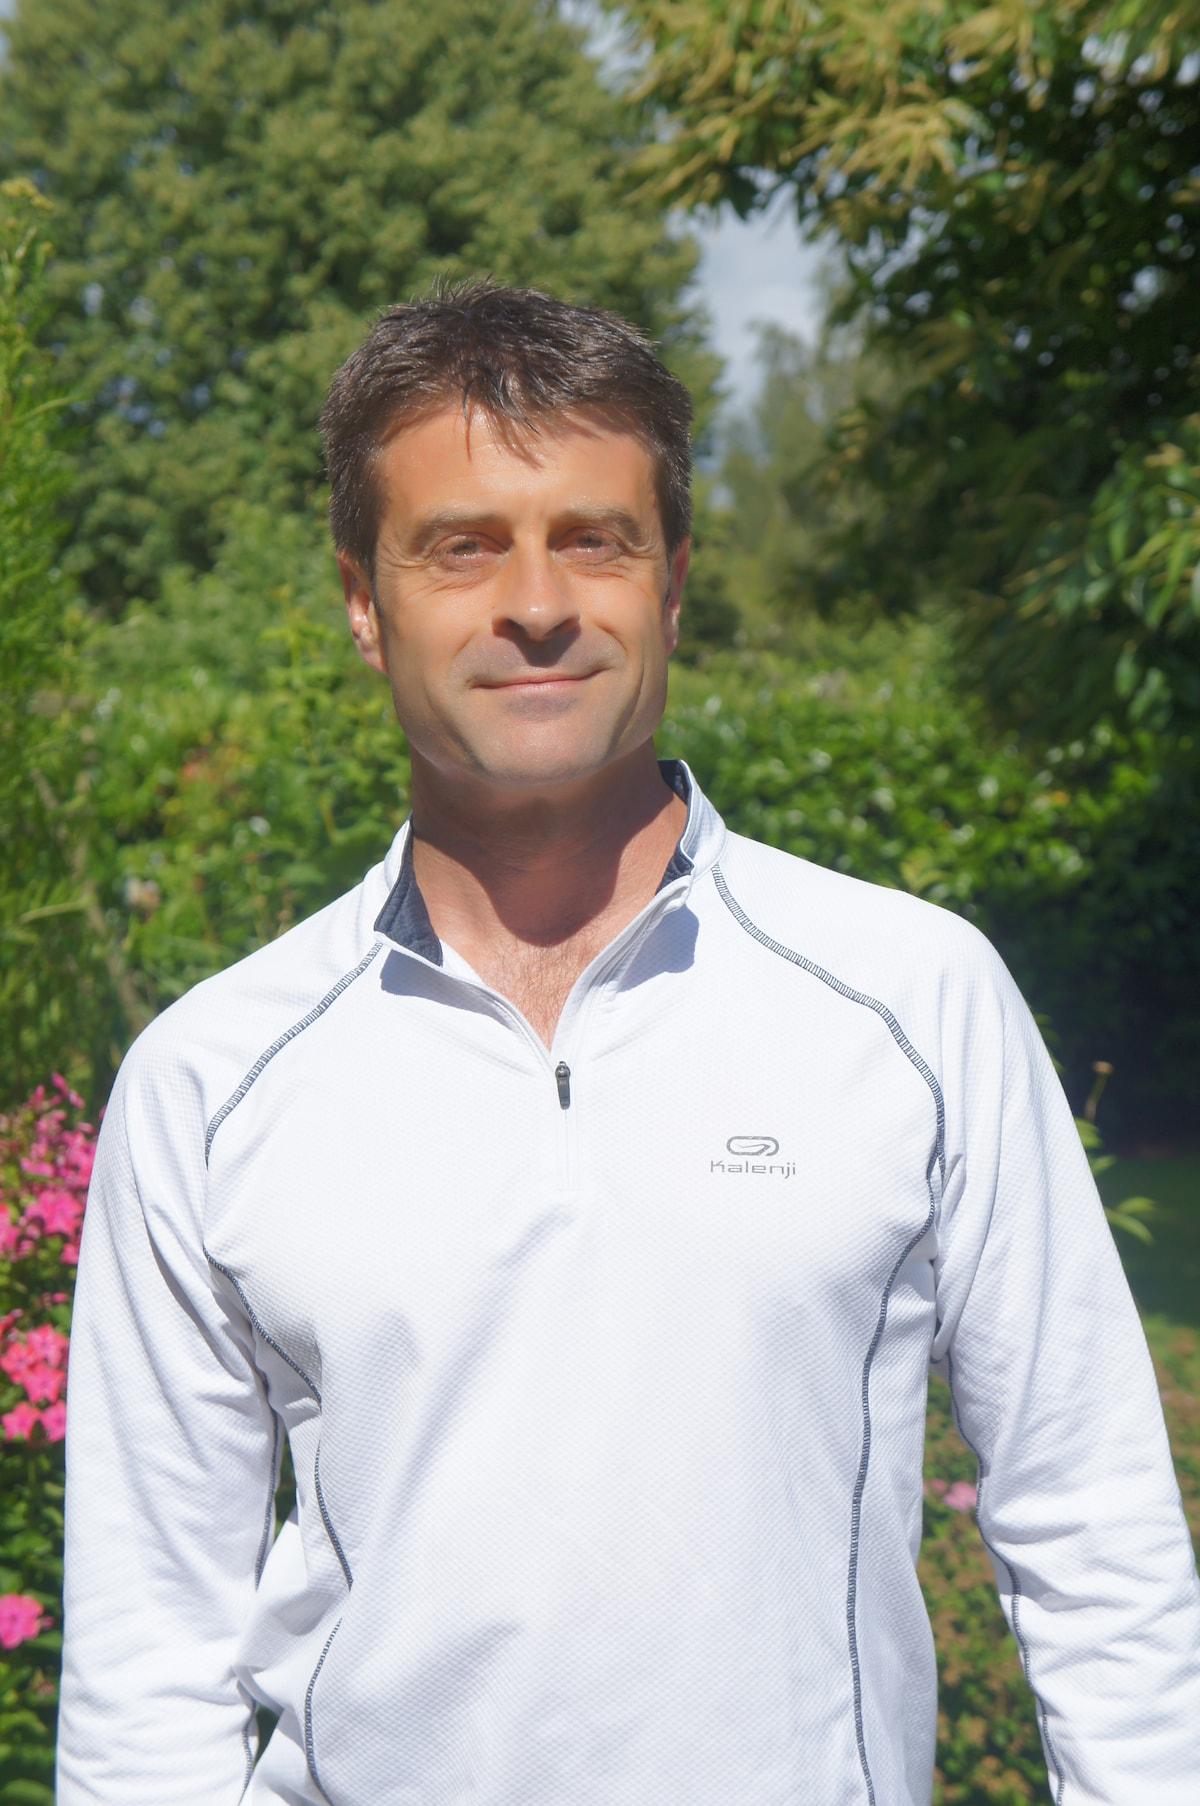 Vincent from Enghien-les-Bains